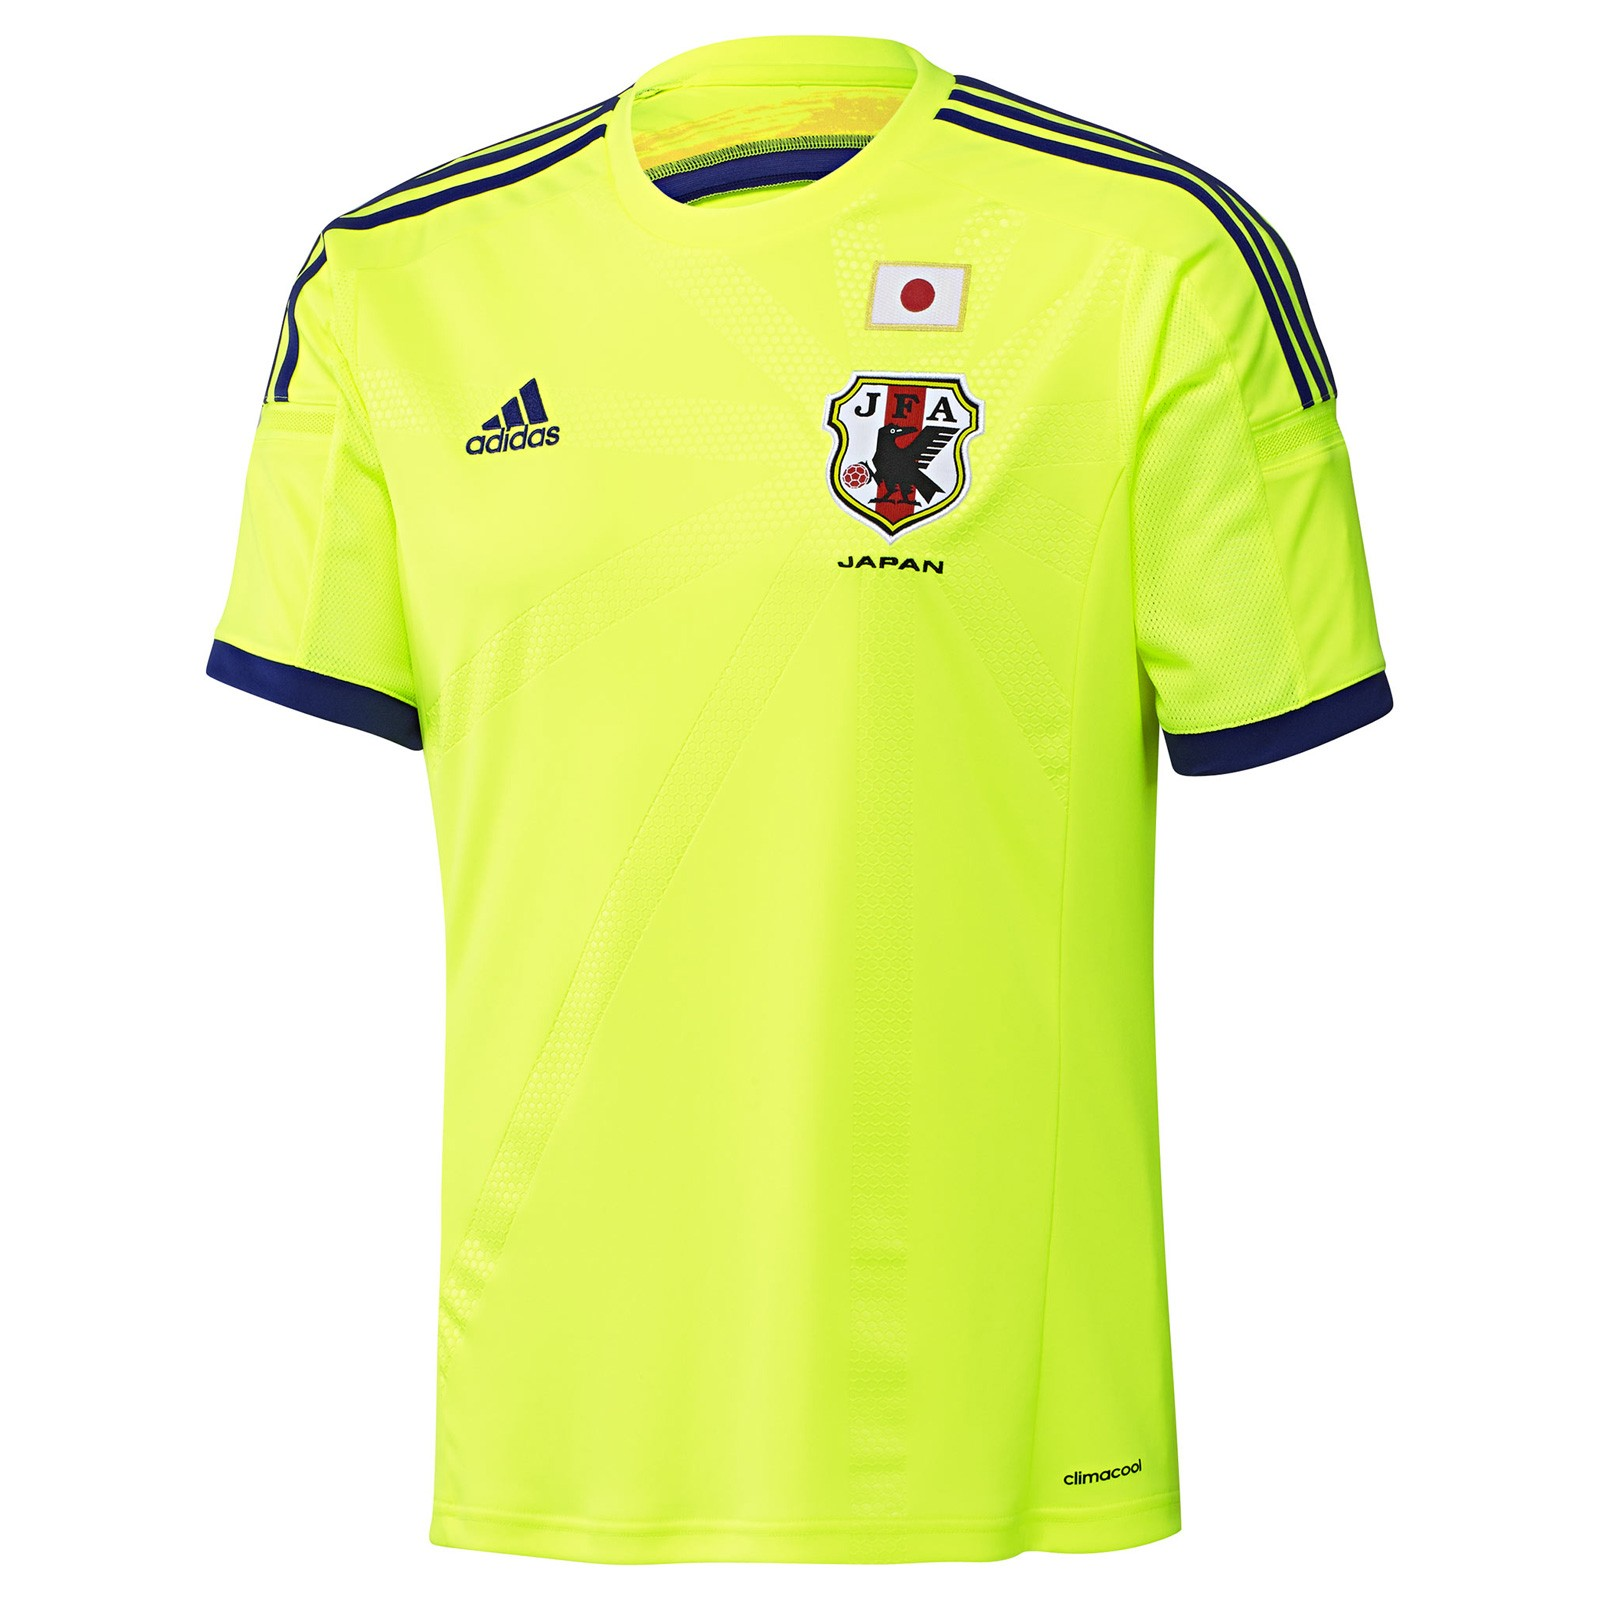 日本国家队2014世界杯球迷版客场球衣